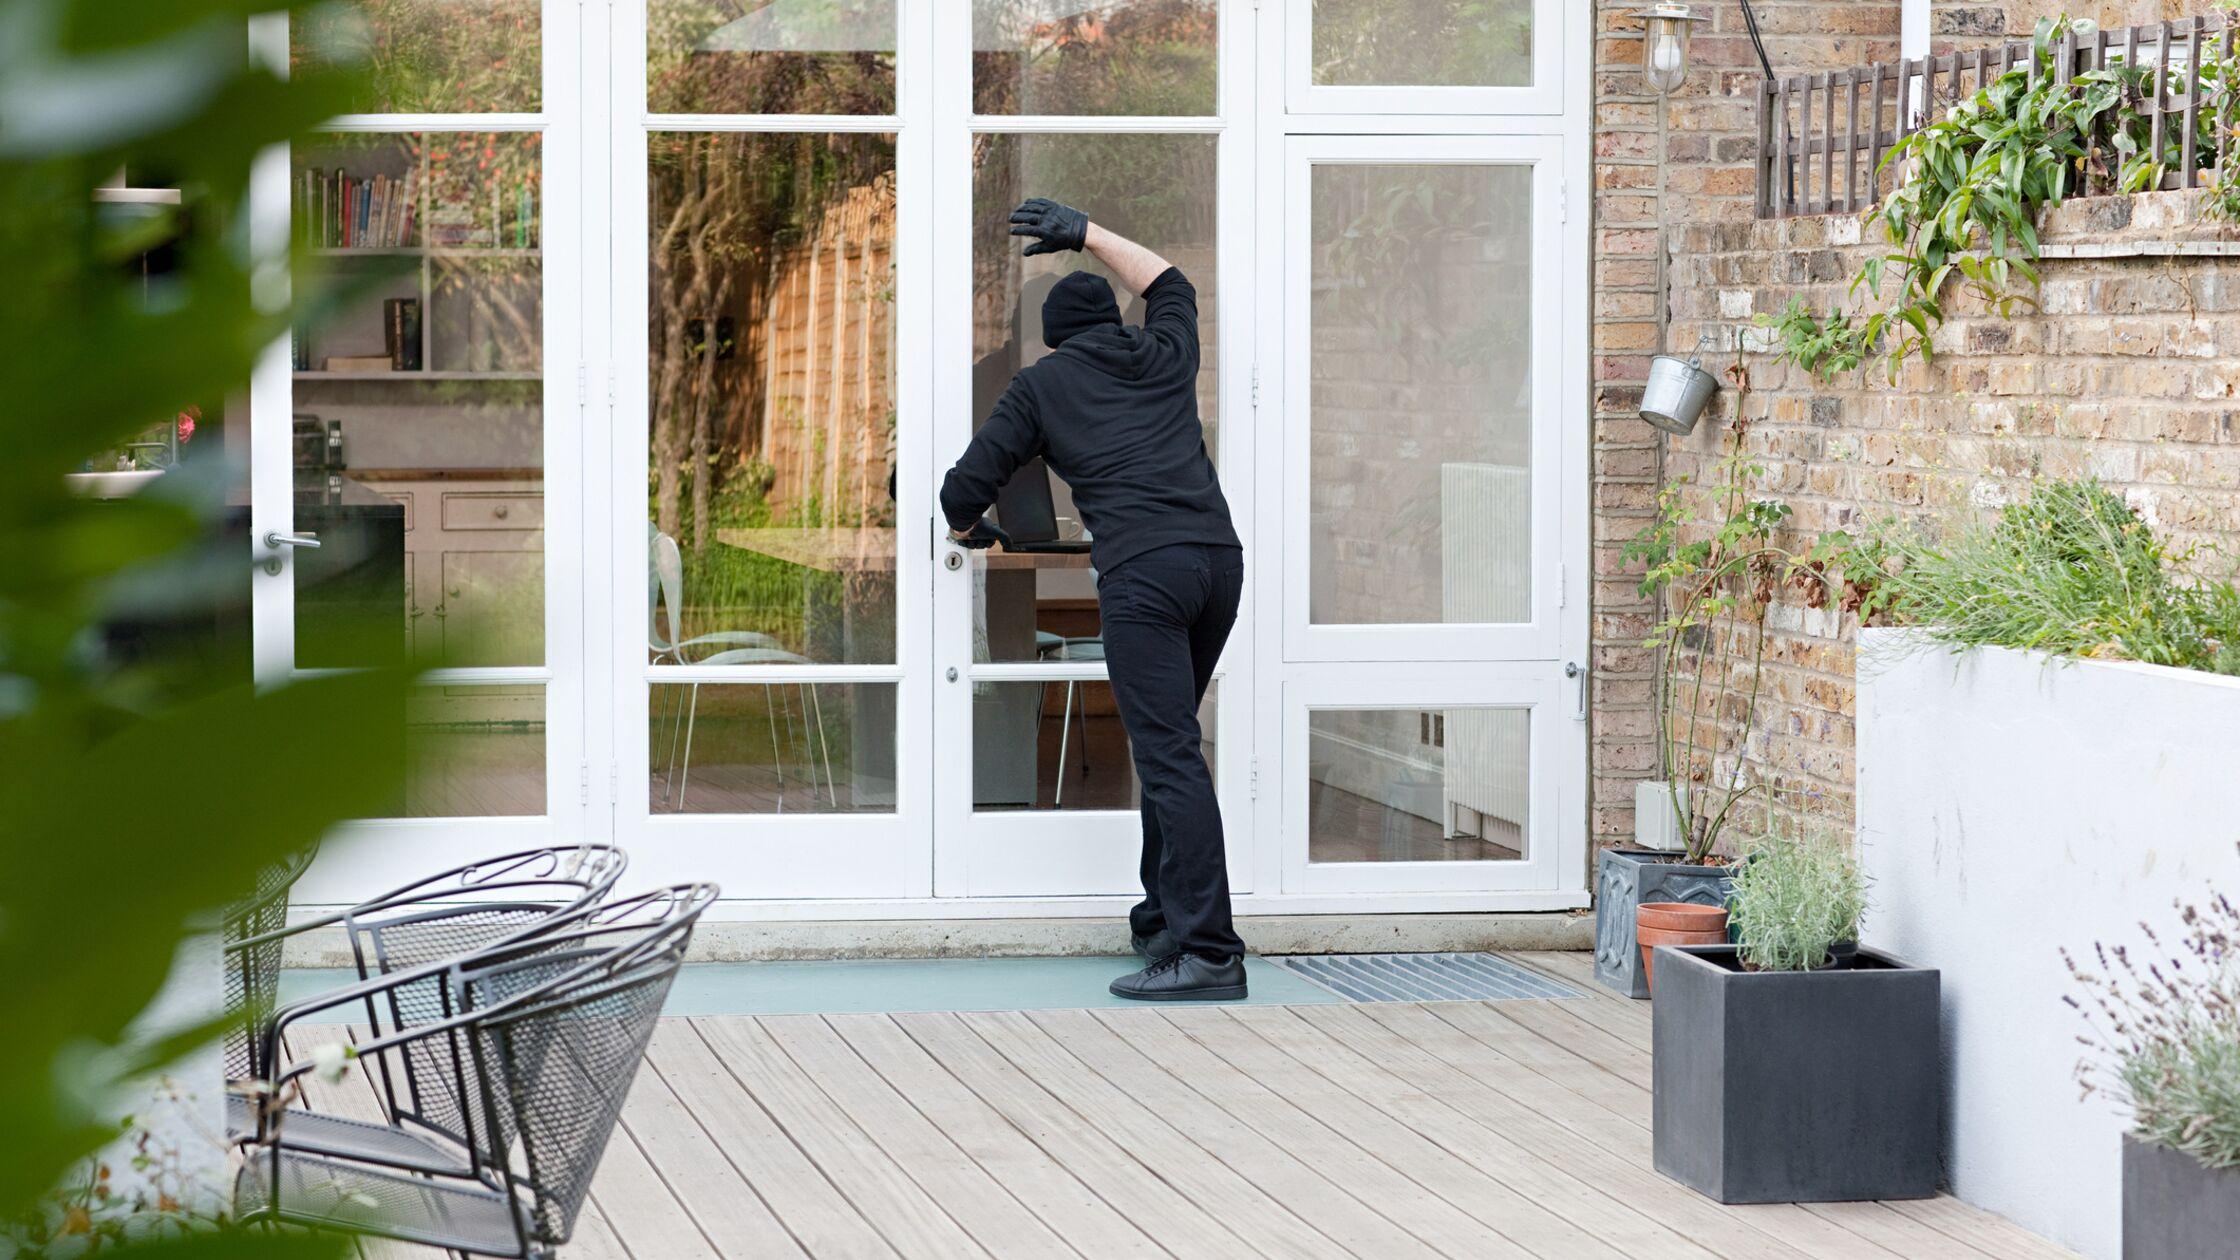 Einbrecher steht vor einer Terrassentür und schaut nach drinnen